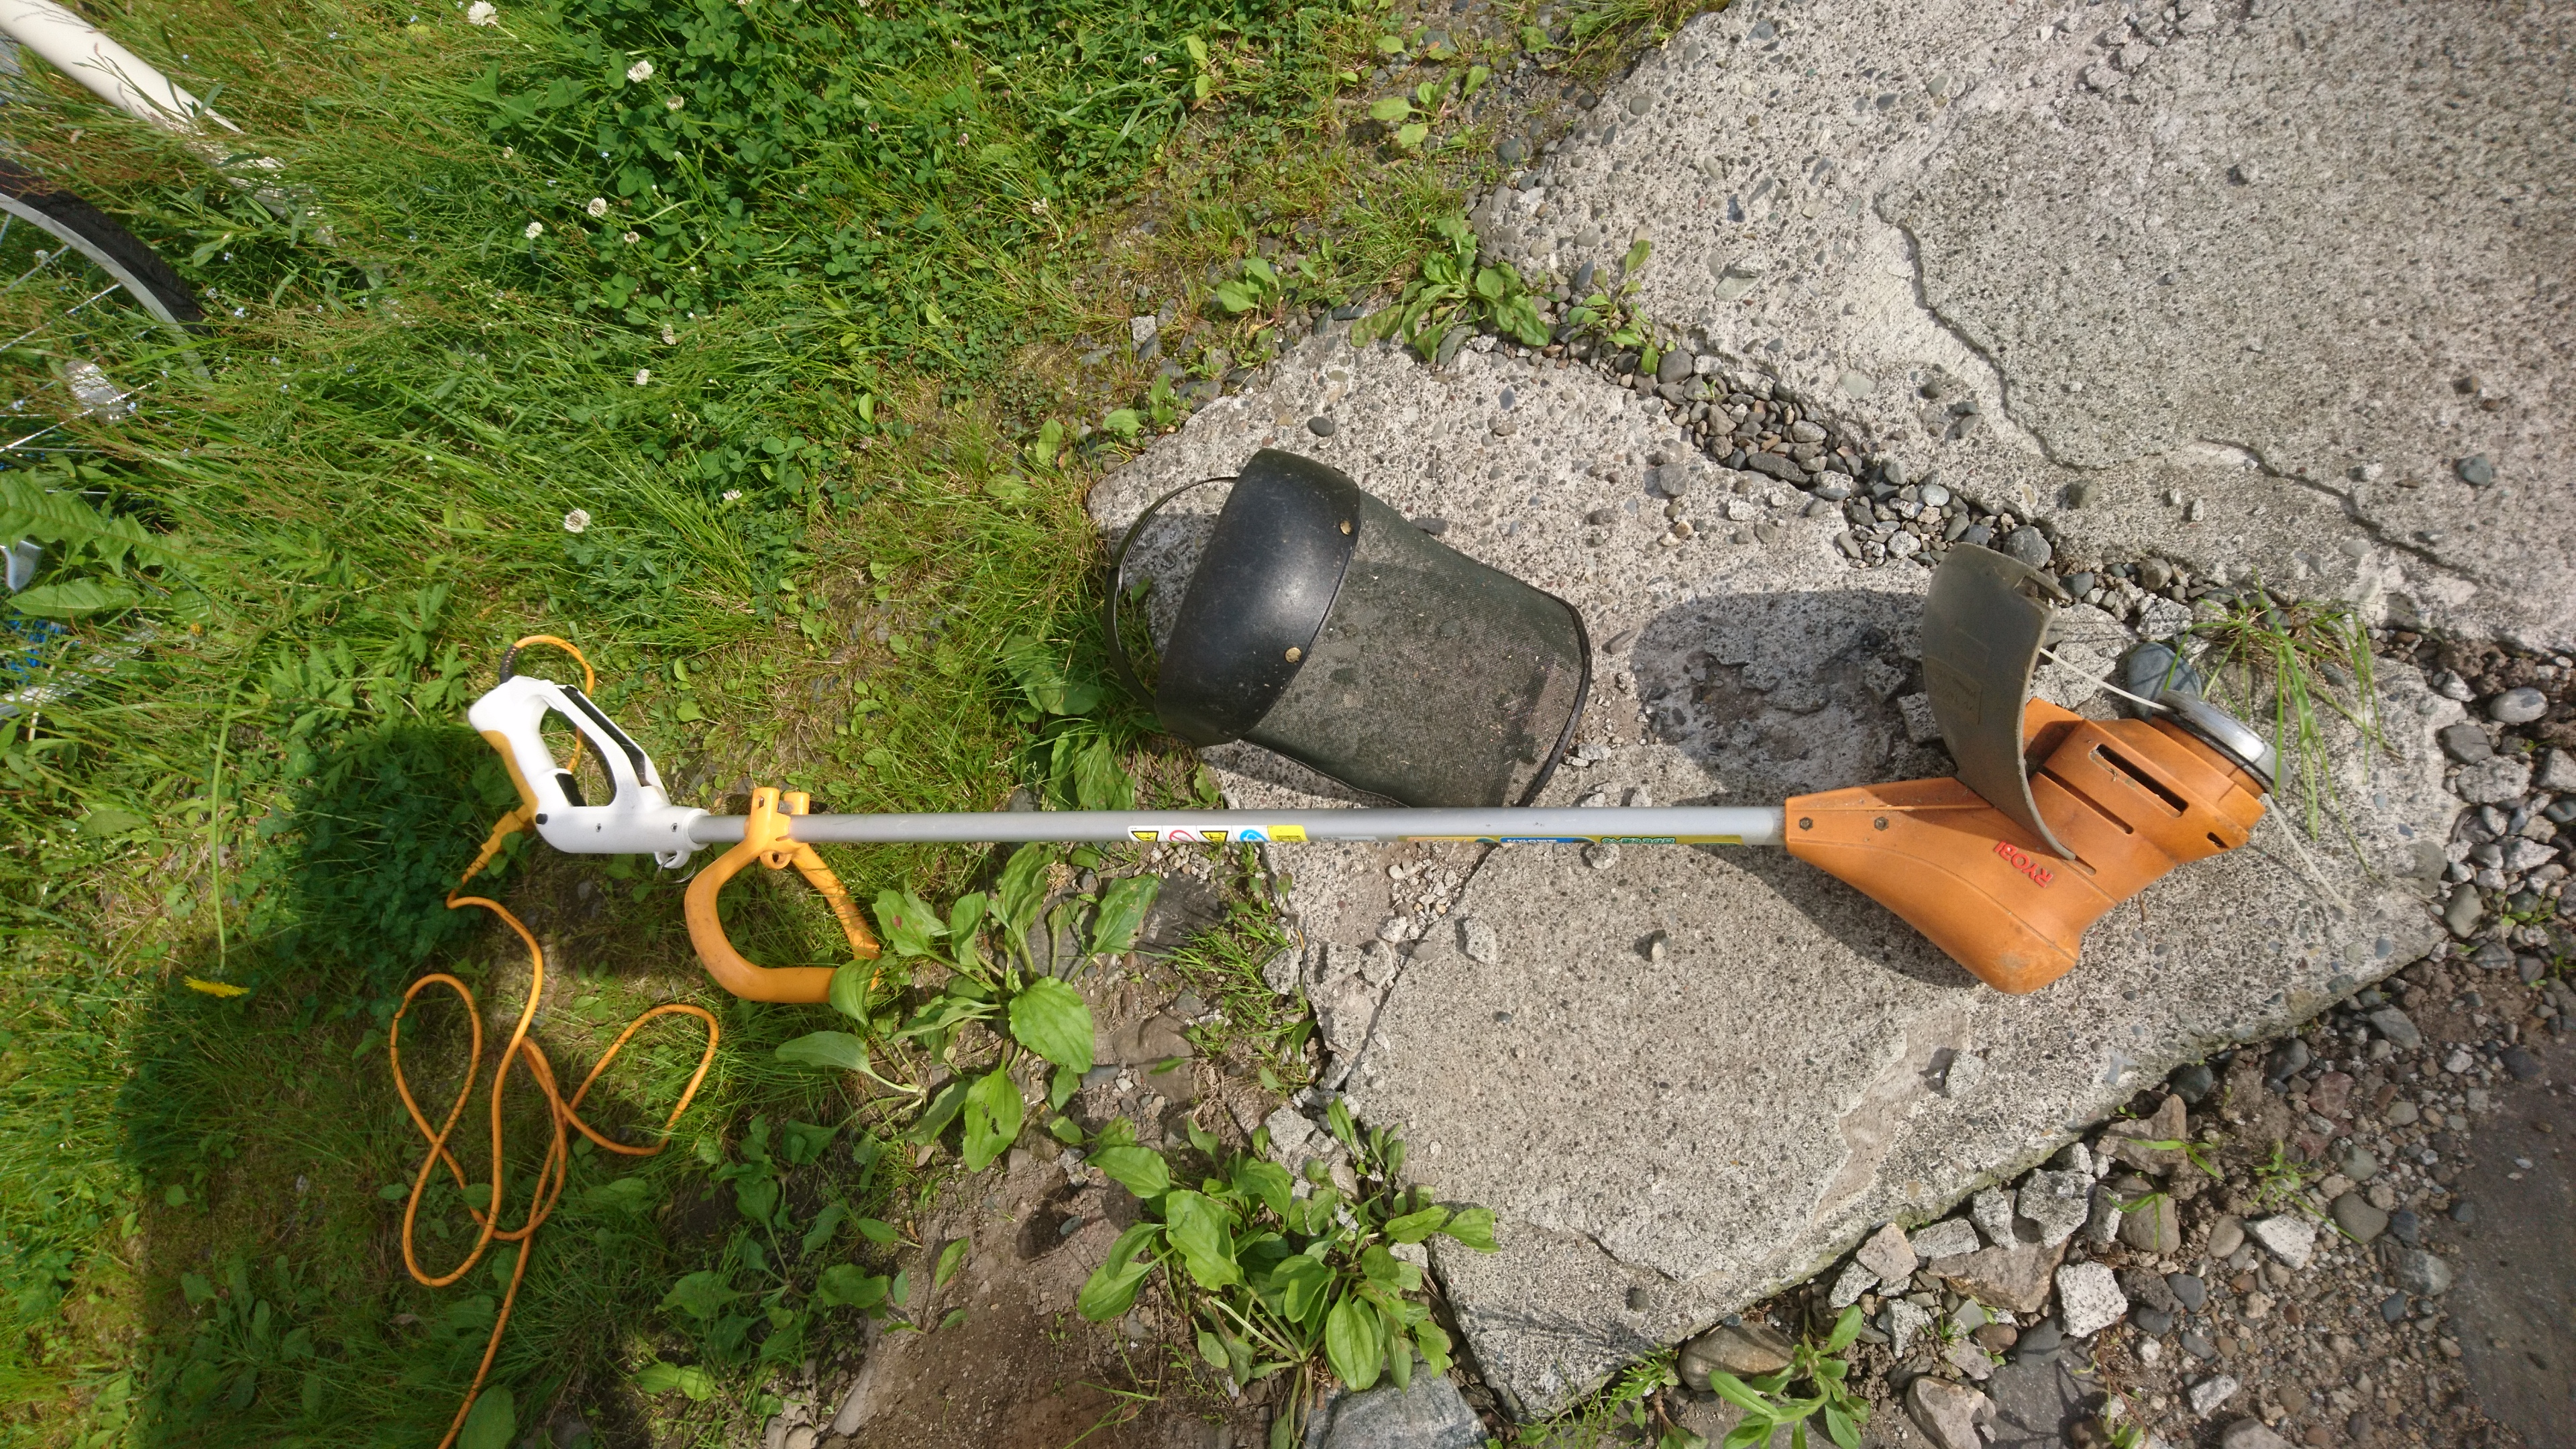 リョービなどの電気刈払機の使い方 ナイロンコードで安全な草刈りをしよう